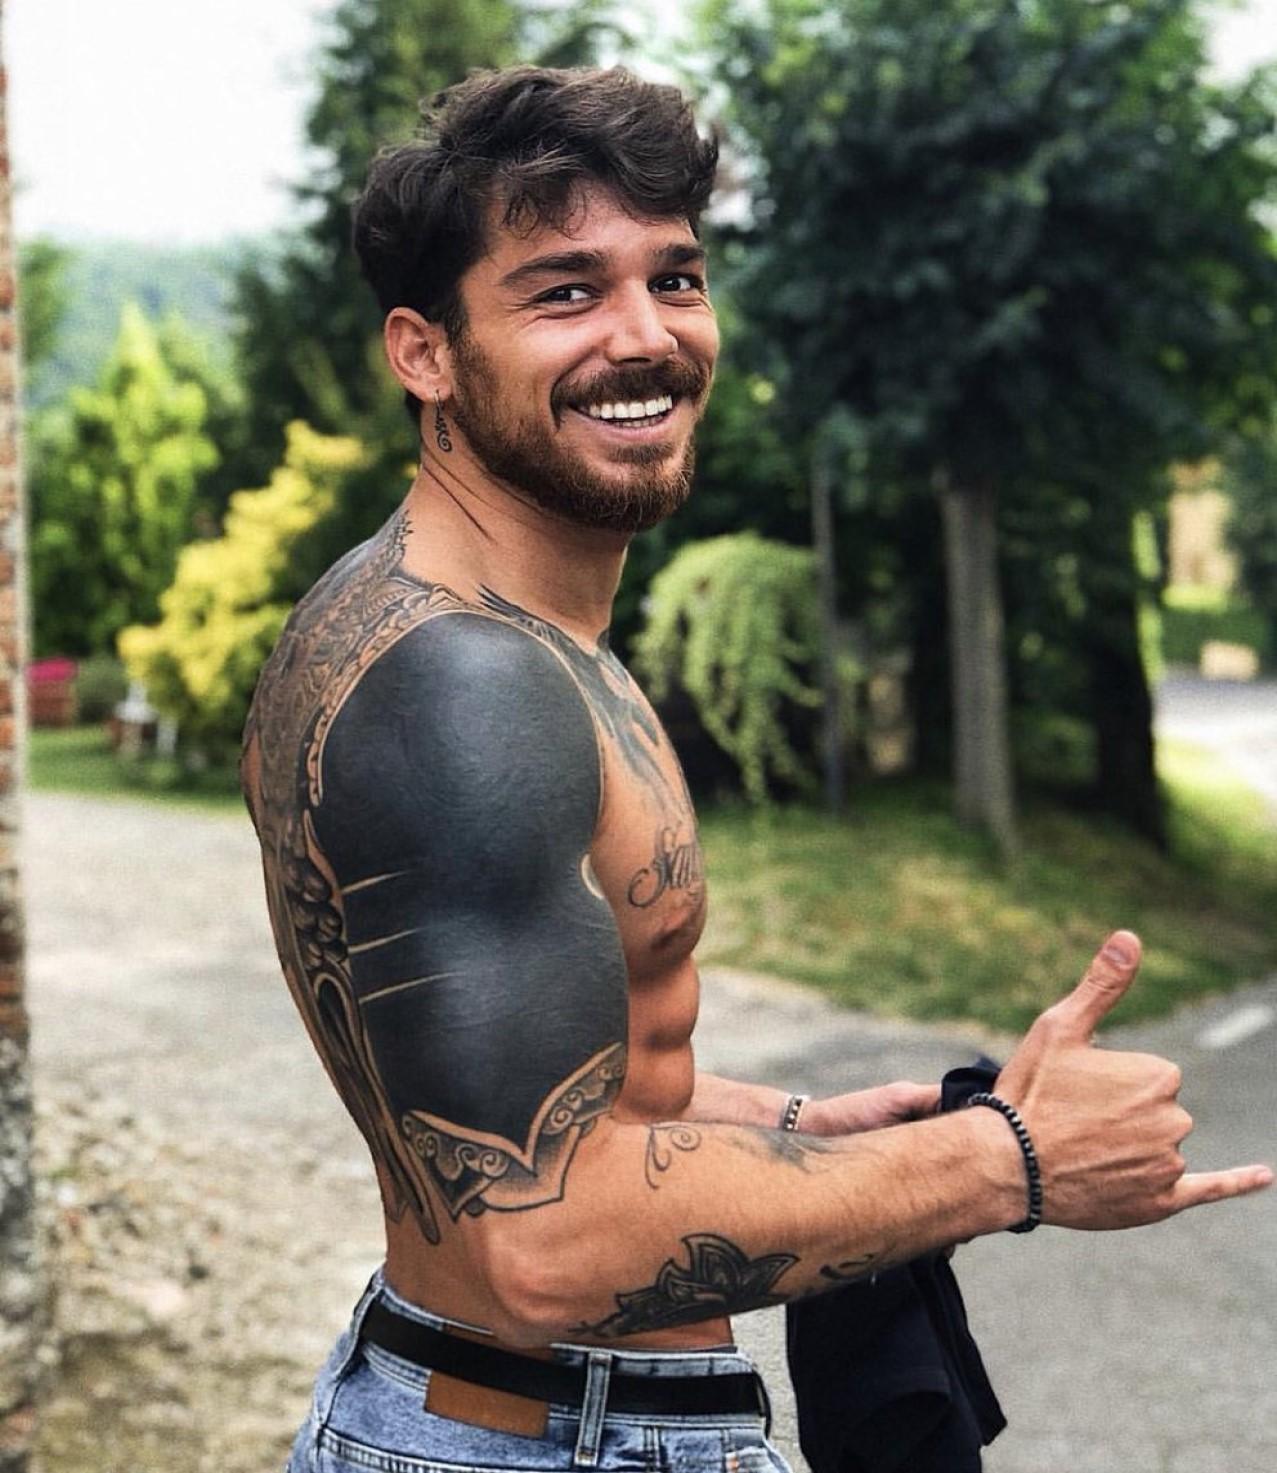 andrea cerioli età altezza peso fisico tatuaggi fidanzata lavoro vita privata